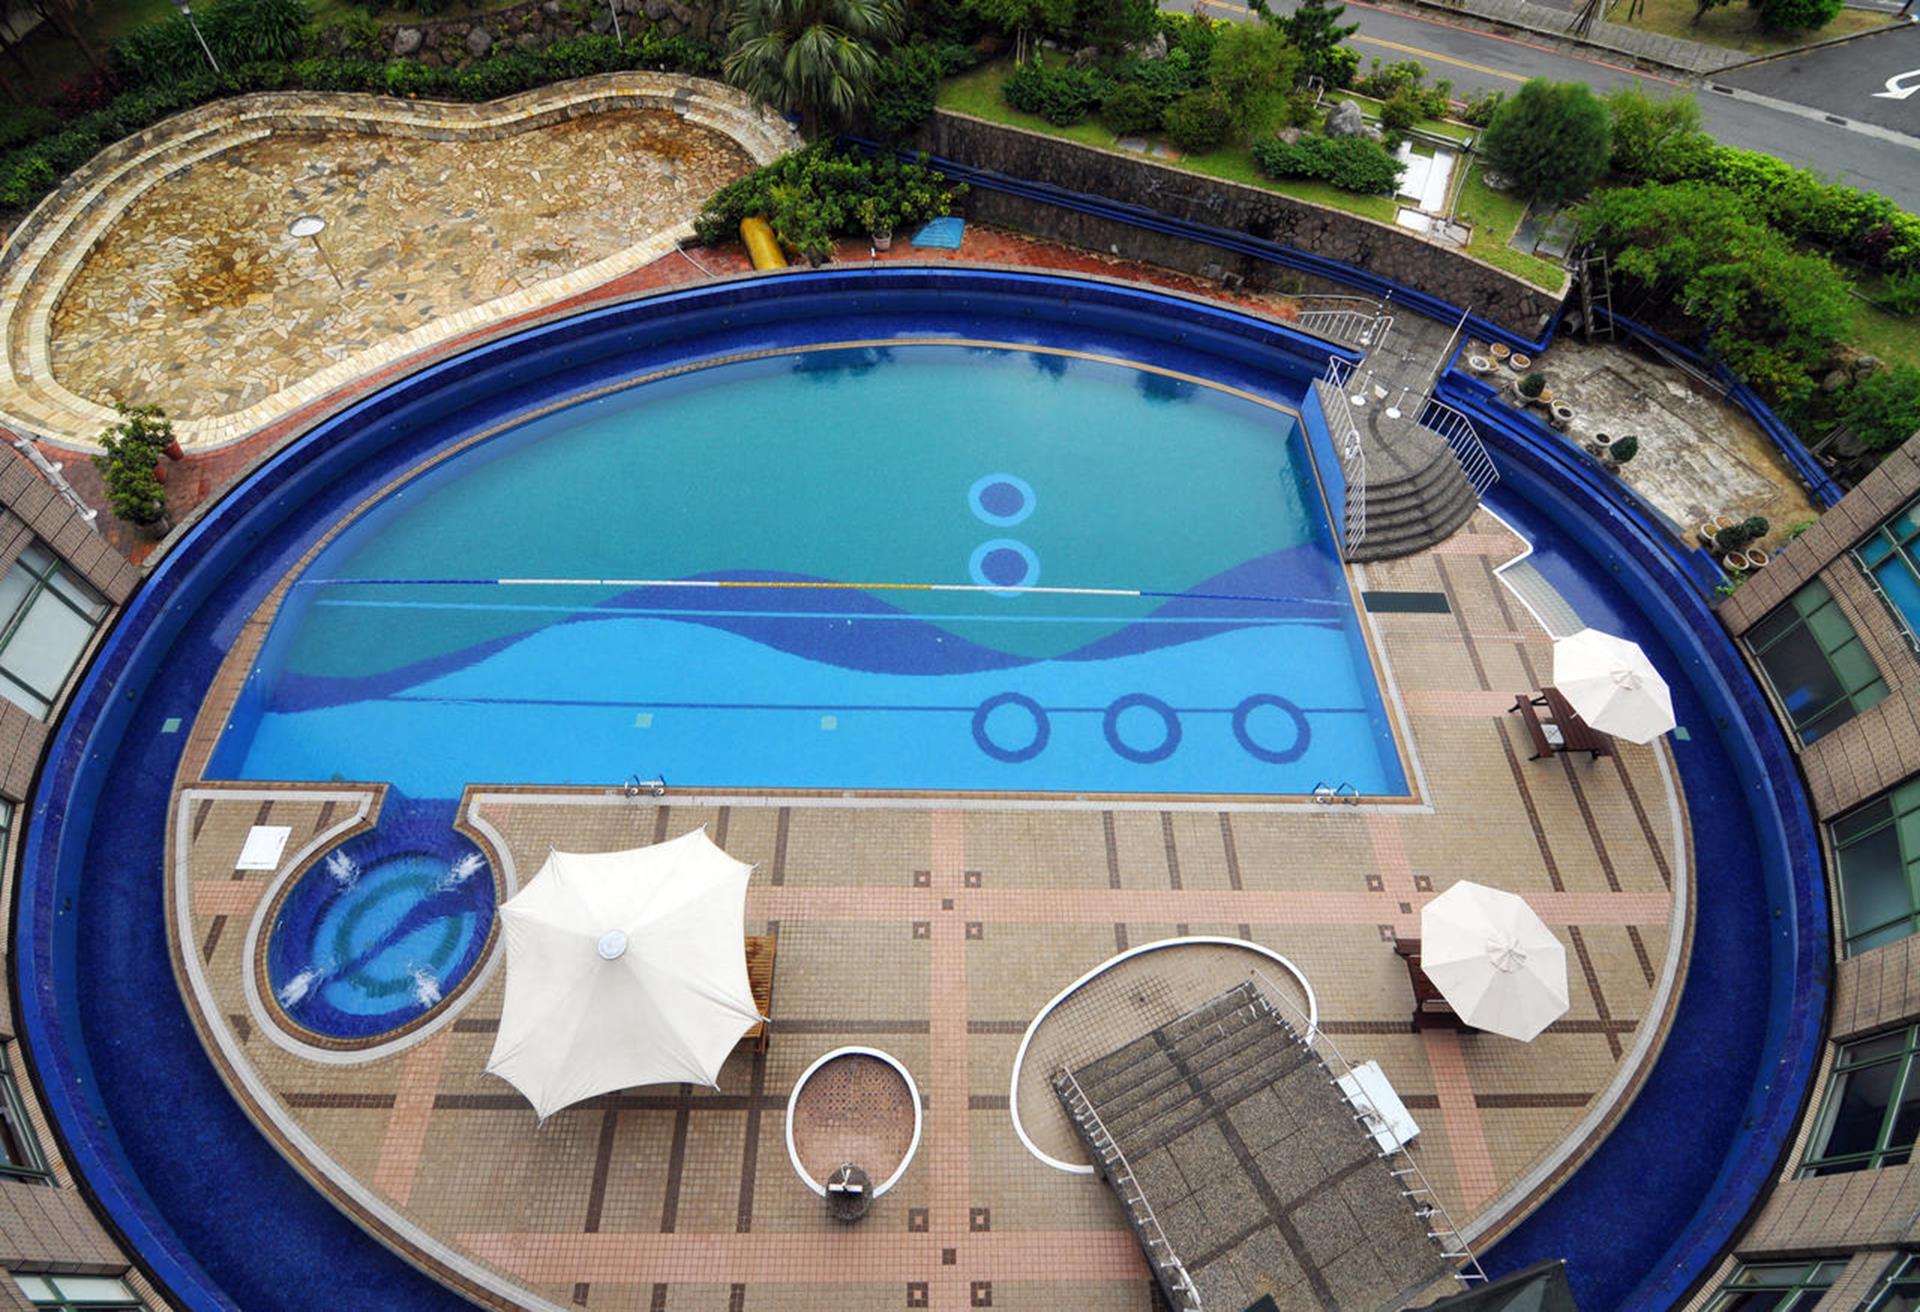 台北親子飯店推薦 - 陽明山天籟渡假酒店有豐富的水上休閒設施